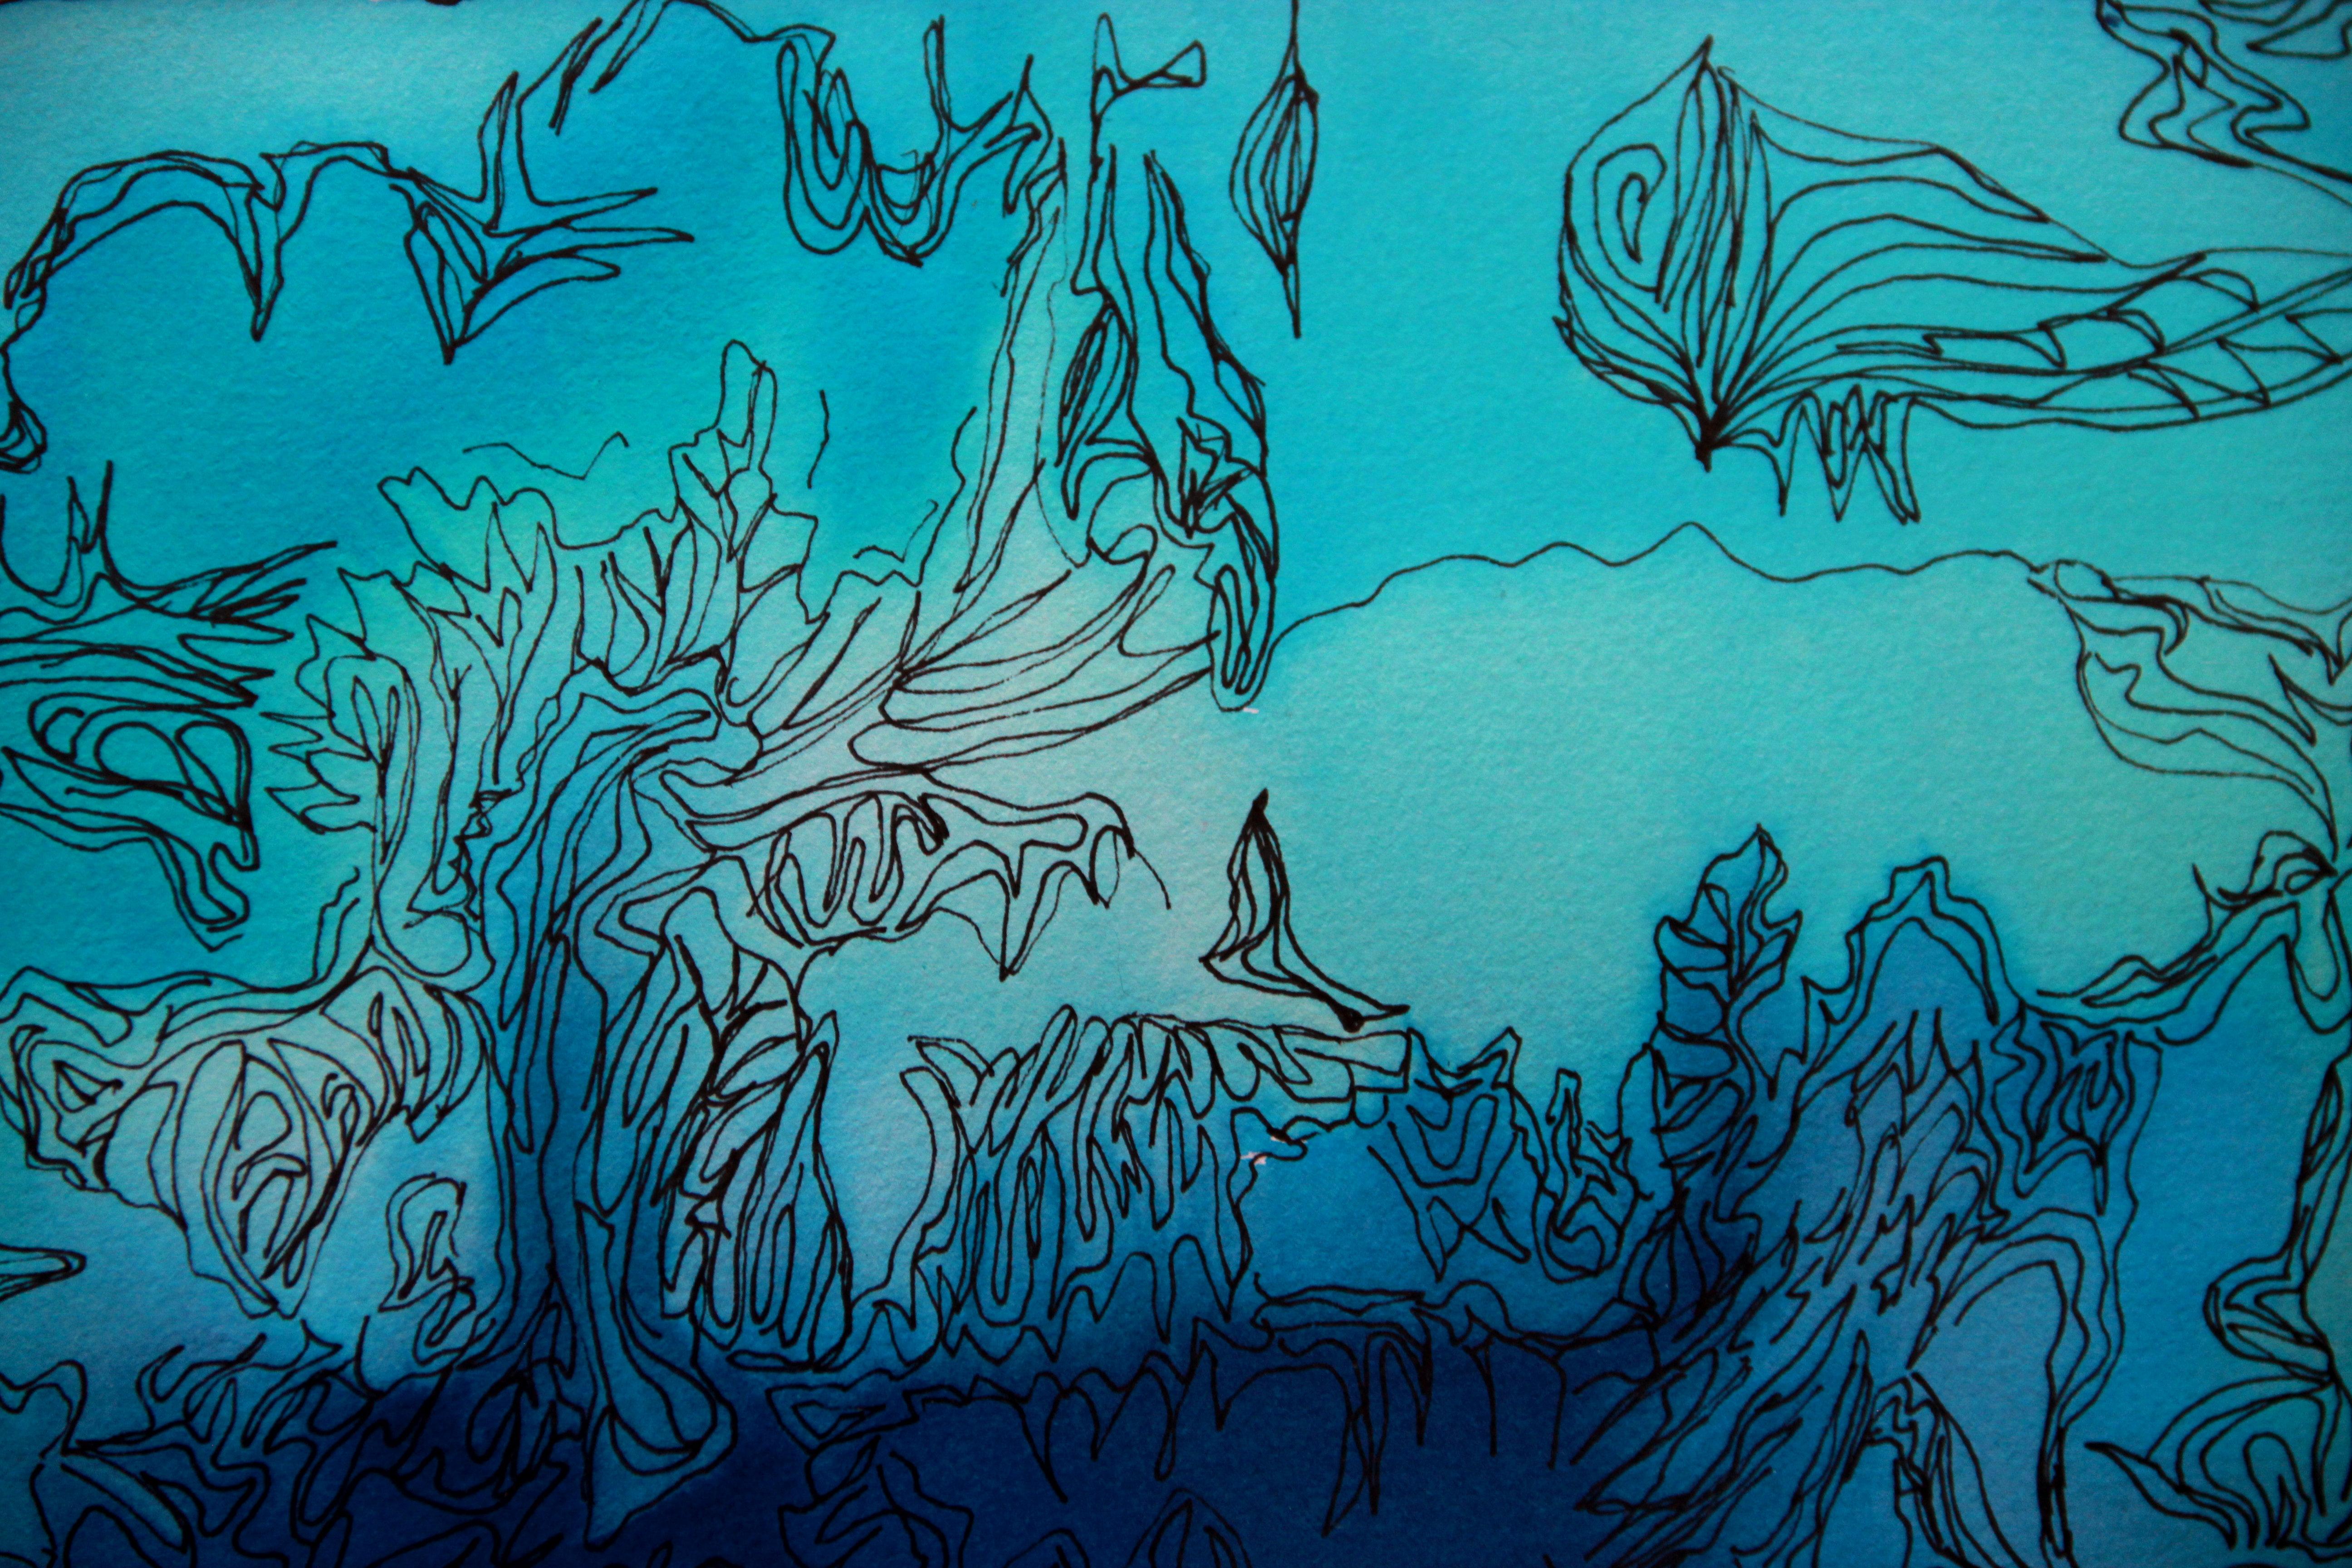 Paysages d'ailleurs détail 2 - Peinture - Isabelle Milléquant Surr